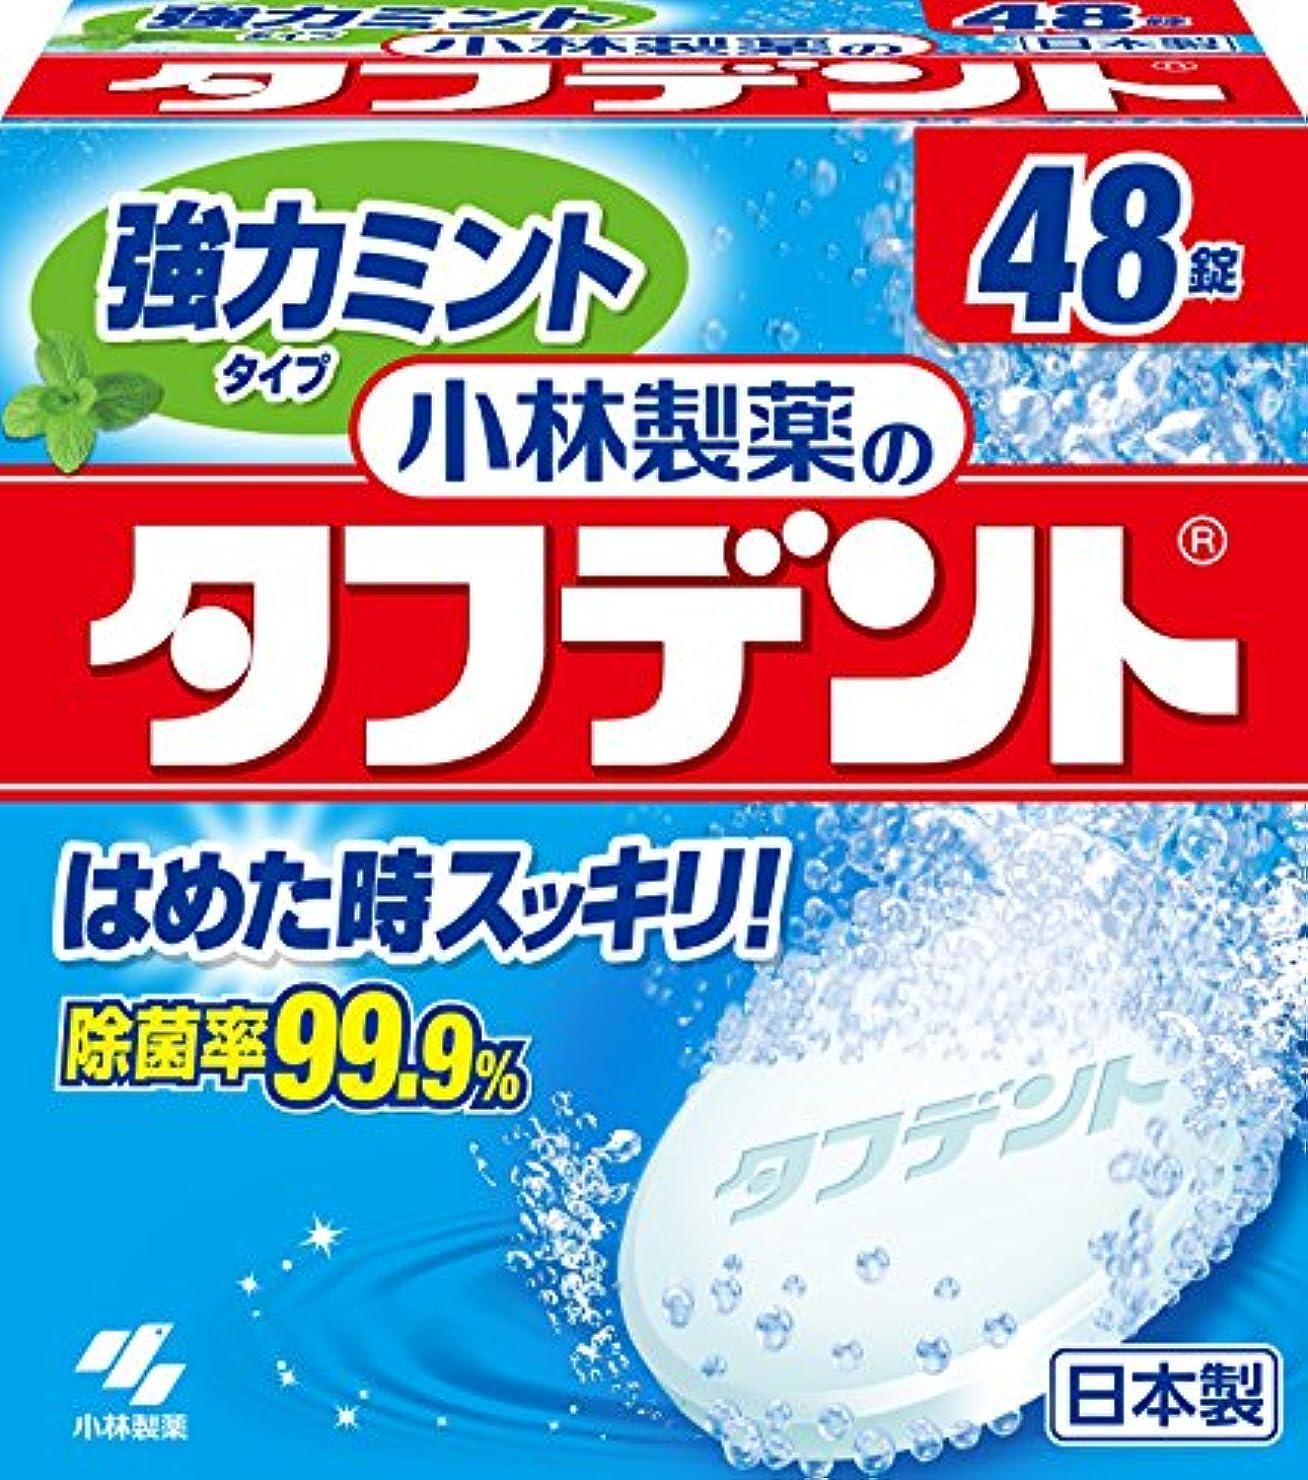 古代薄汚いブロー小林製薬のタフデント強力ミントタイプ 入れ歯用洗浄剤 ミントの香り 48錠